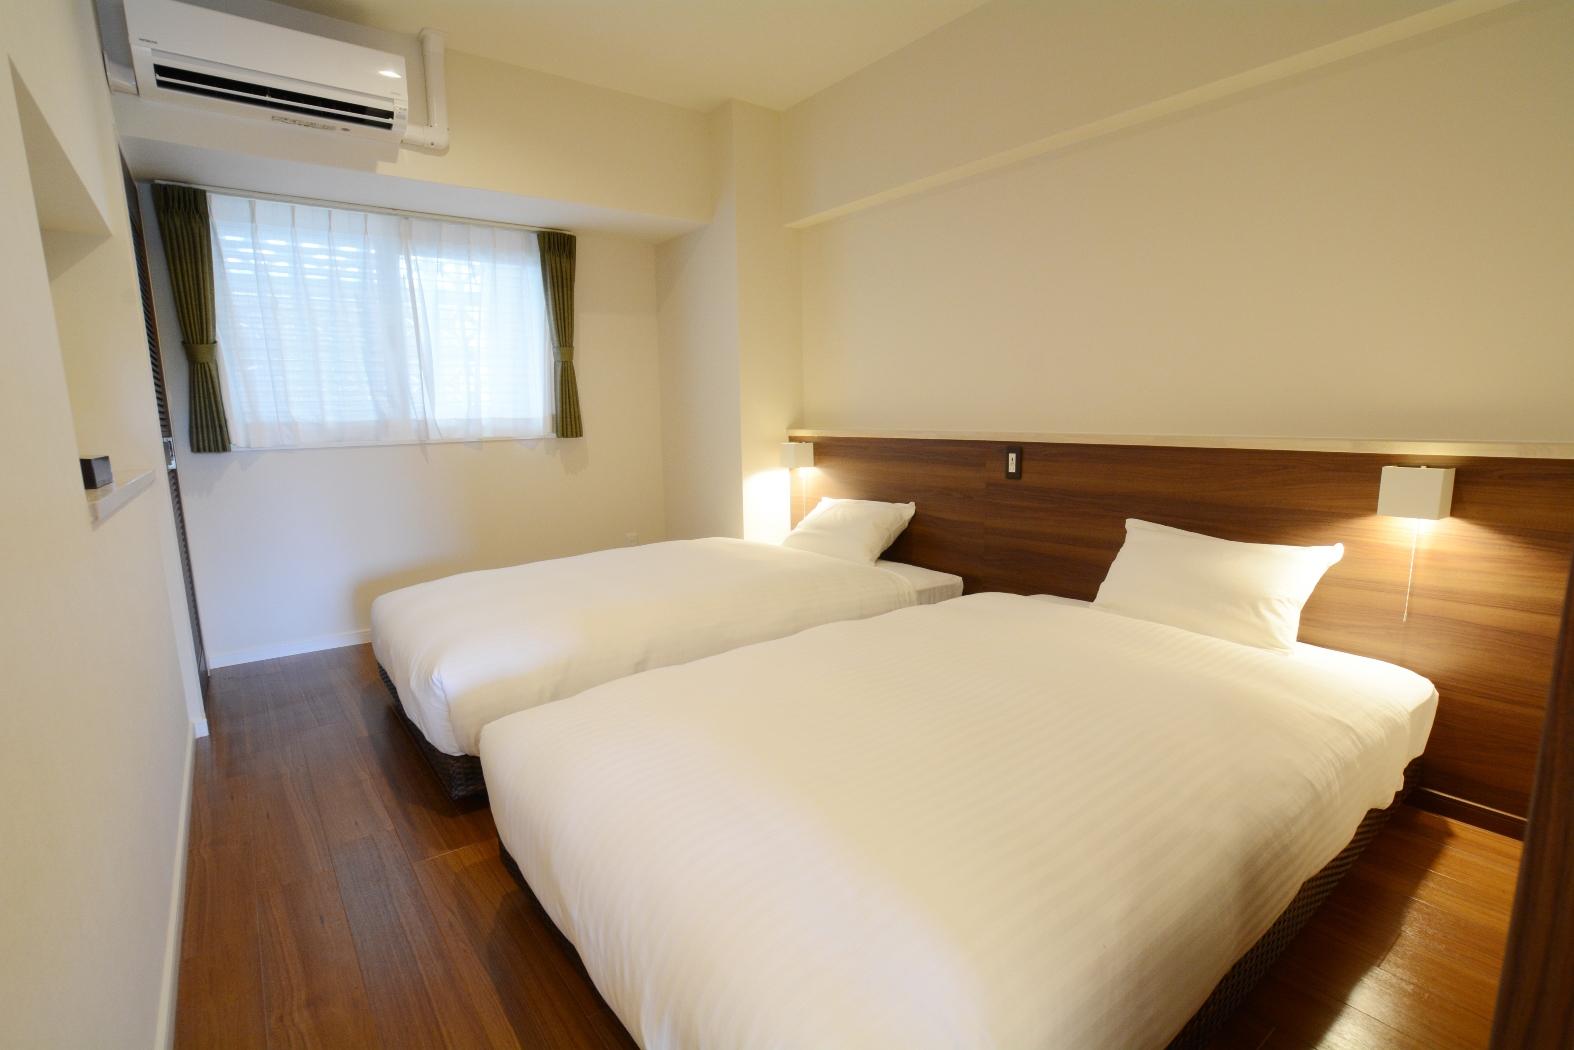 リエッタ中山 / Moderate Room